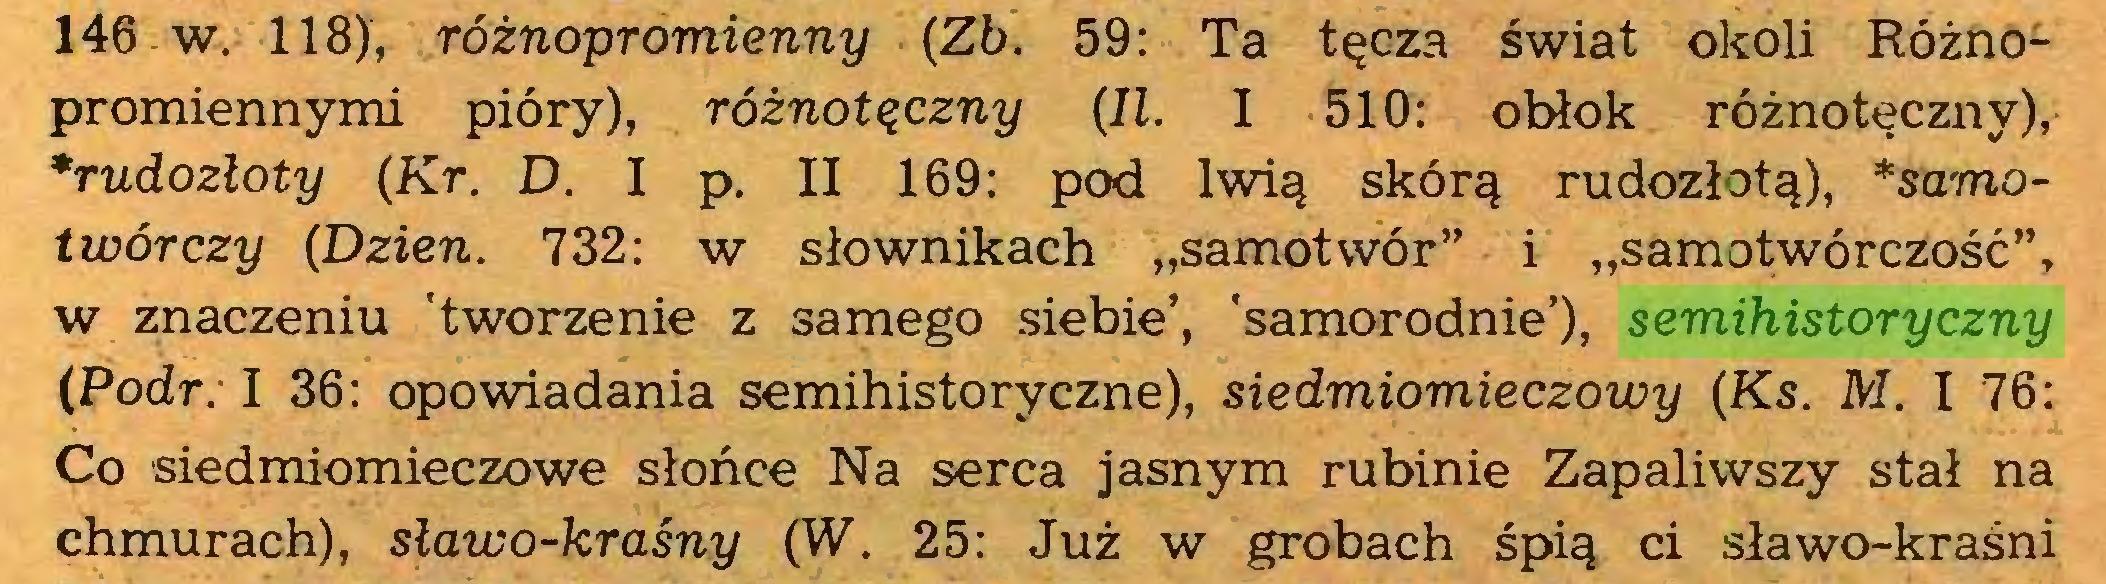 """(...) 146 w. 118), różnopromienny (Zb. 59: Ta tęcza świat okoli Różnopromiennymi pióry), różnotączny (II. I 510: obłok różnotęczny), *rudozłoty (Kr. D. I p. II 169: pod lwią skórą rudozłotą), *samotwórczy (Dzień. 732: w słownikach """"samotwór"""" i """"samotwórczość"""", w znaczeniu 'tworzenie z samego siebie', 'samorodnie'), semihistoryczny (Podr: I 36: opowiadania semihistoryczne), siedmiomieczowy (Ks. M. I 76: Co siedmiomieczowe słońce Na serca jasnym rubinie Zapaliwszy stał na chmurach), sławo-kraśny (W. 25: Już w grobach śpią ci sławo-kraśni..."""